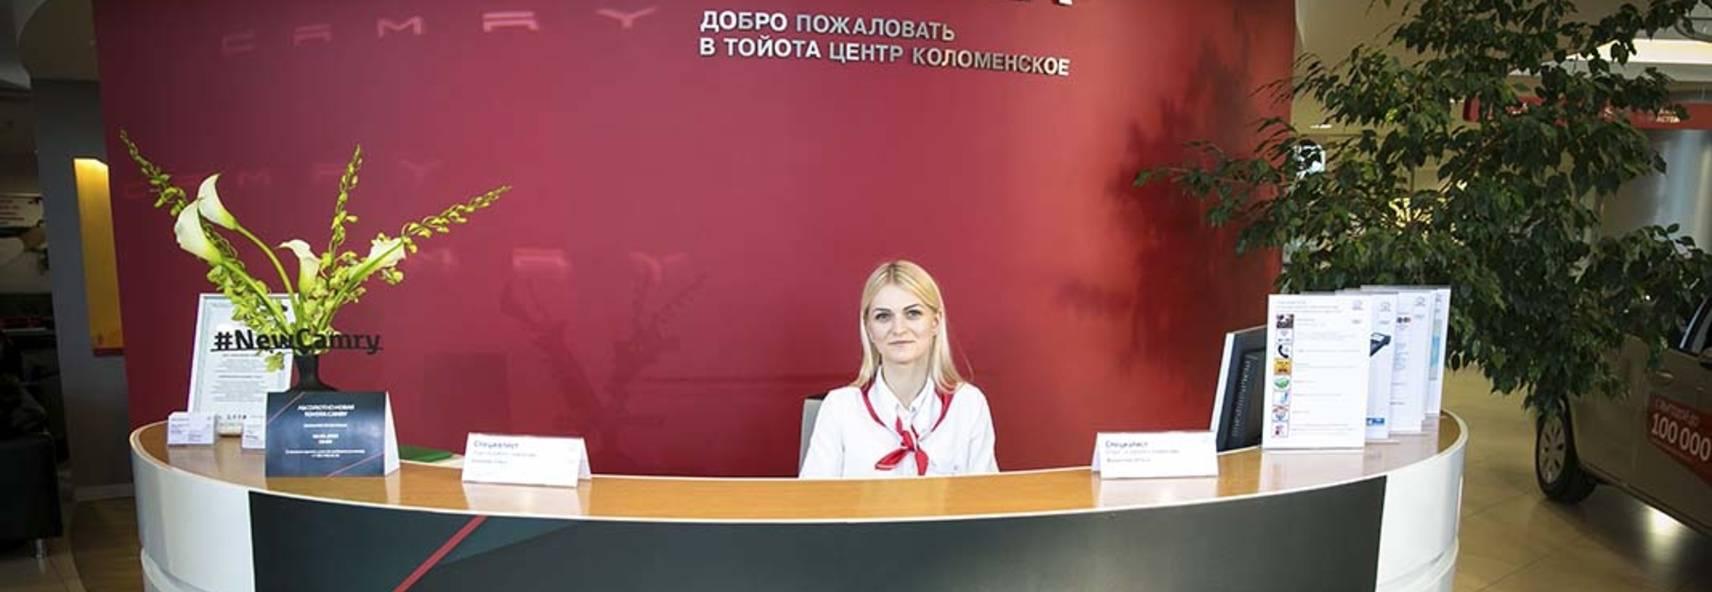 Тойота Центр Коломенское